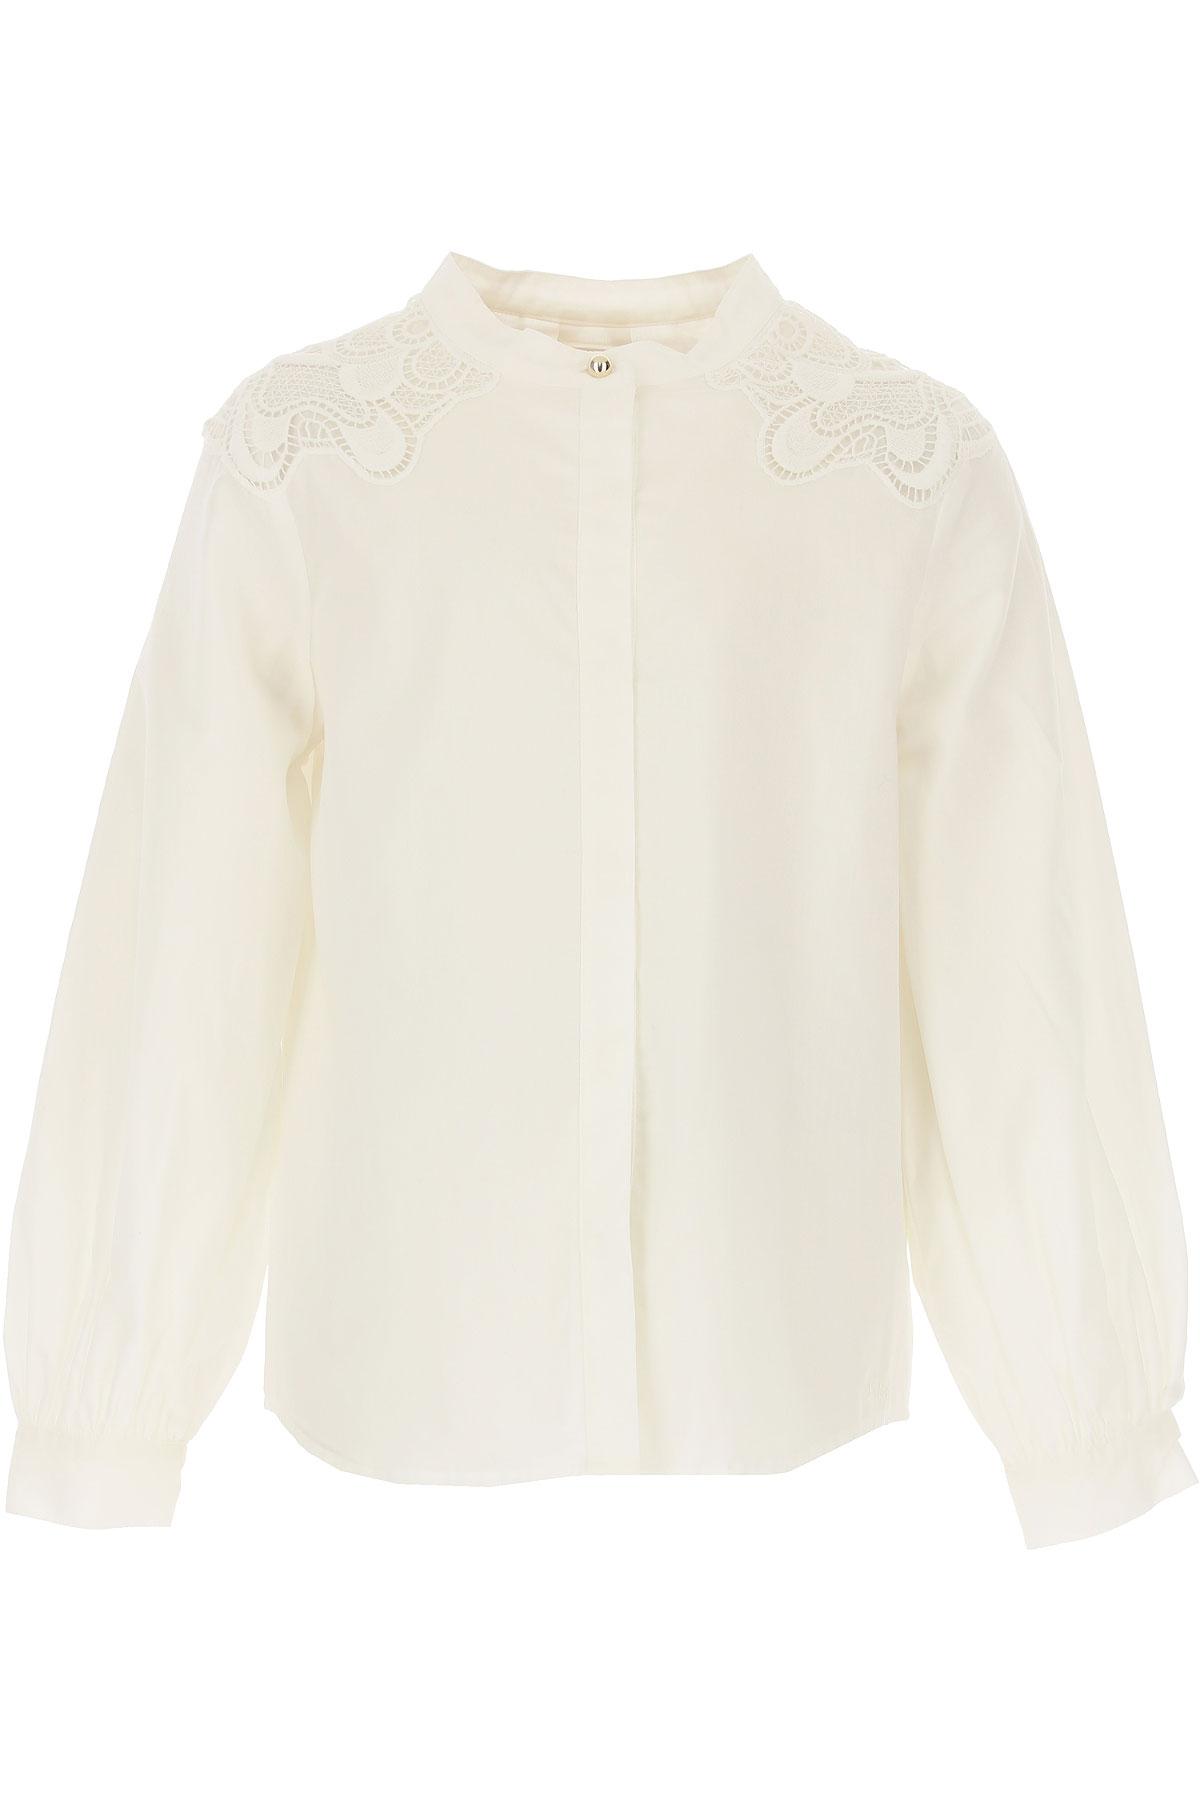 Image of Chloe Kids Shirts for Girls, White, Cotton, 2017, 10Y 14Y 4Y 5Y 6Y 8Y